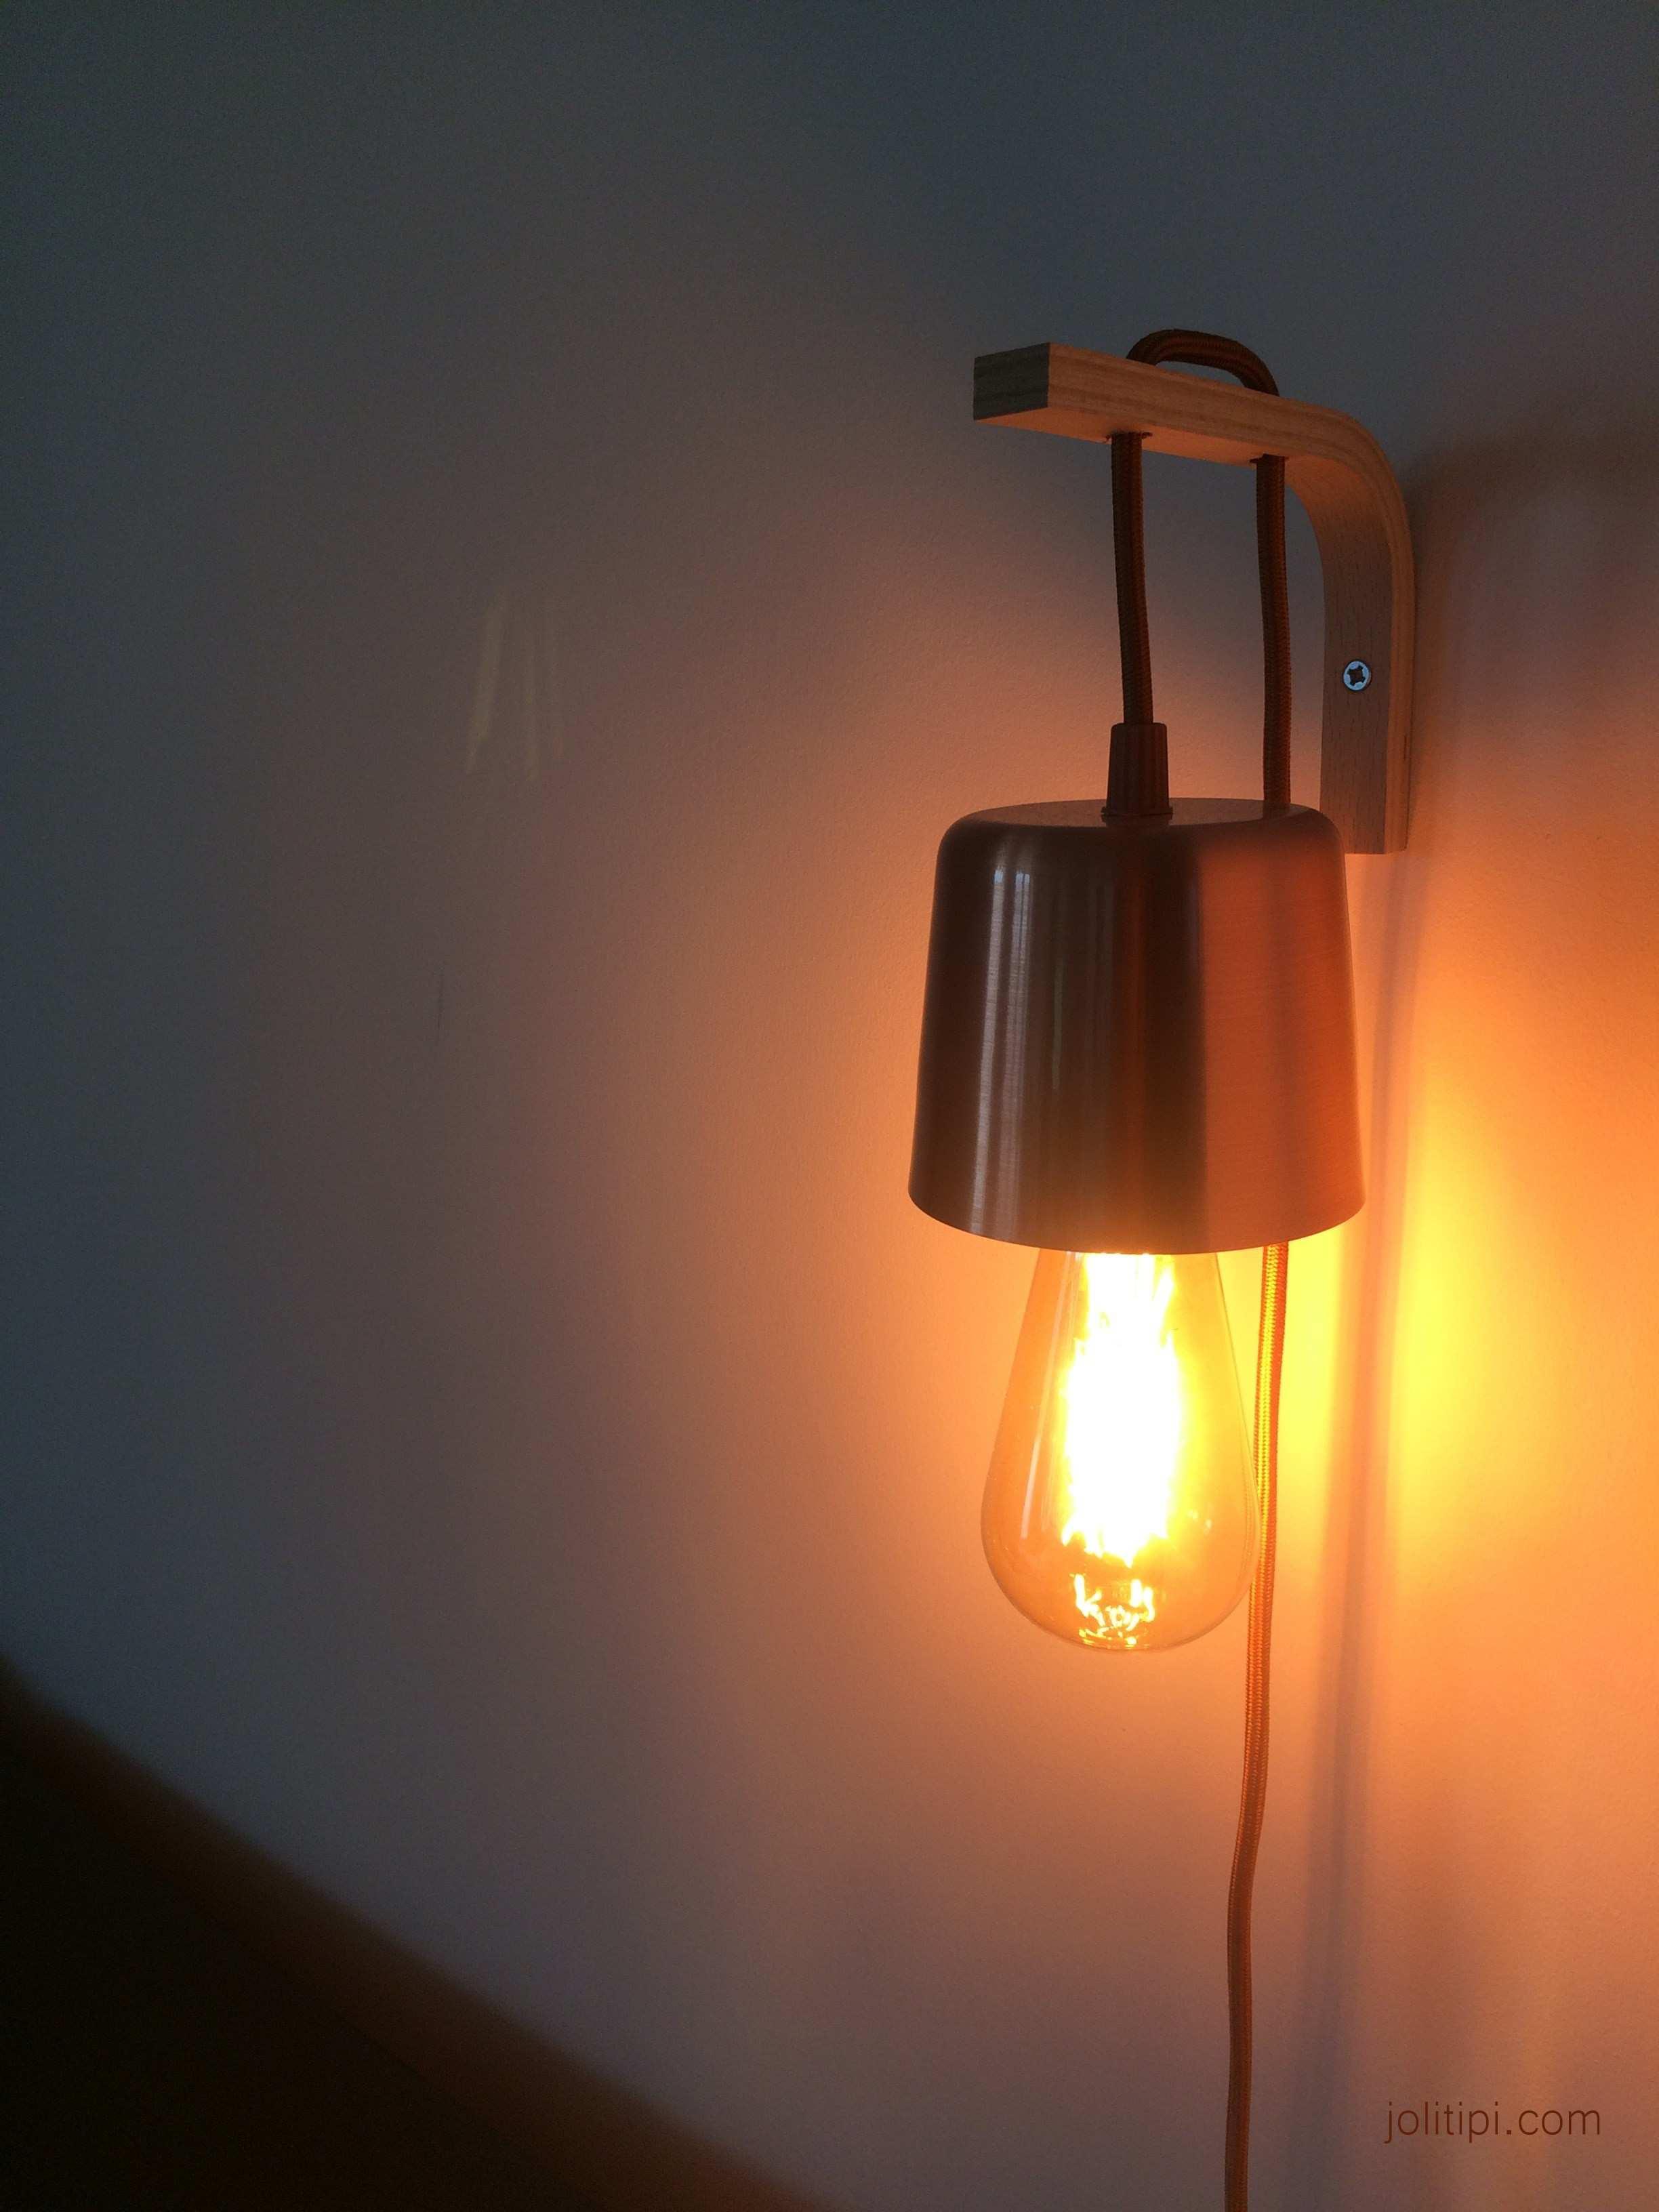 Et Ikéa Applique Murale Maison De Luminaire Lampe Idée KTlJ5F1cu3